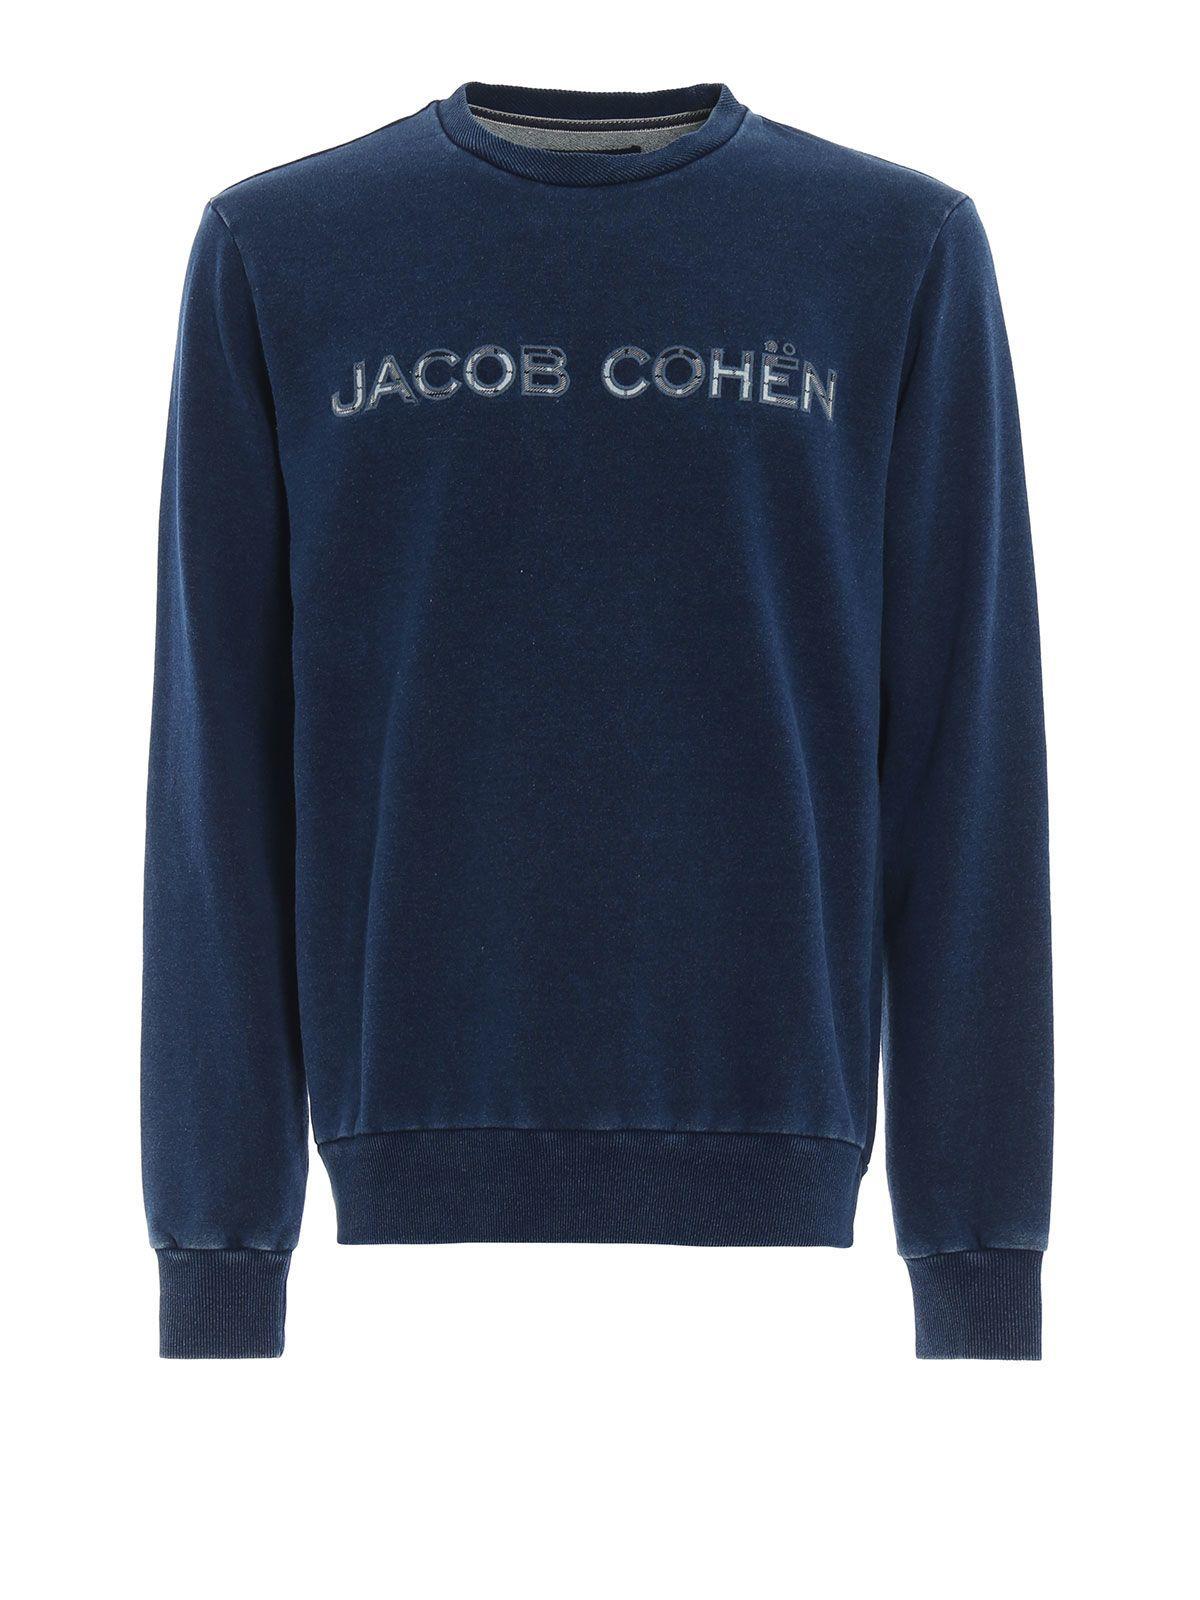 Jacob Cohen Slim Fit Sweater